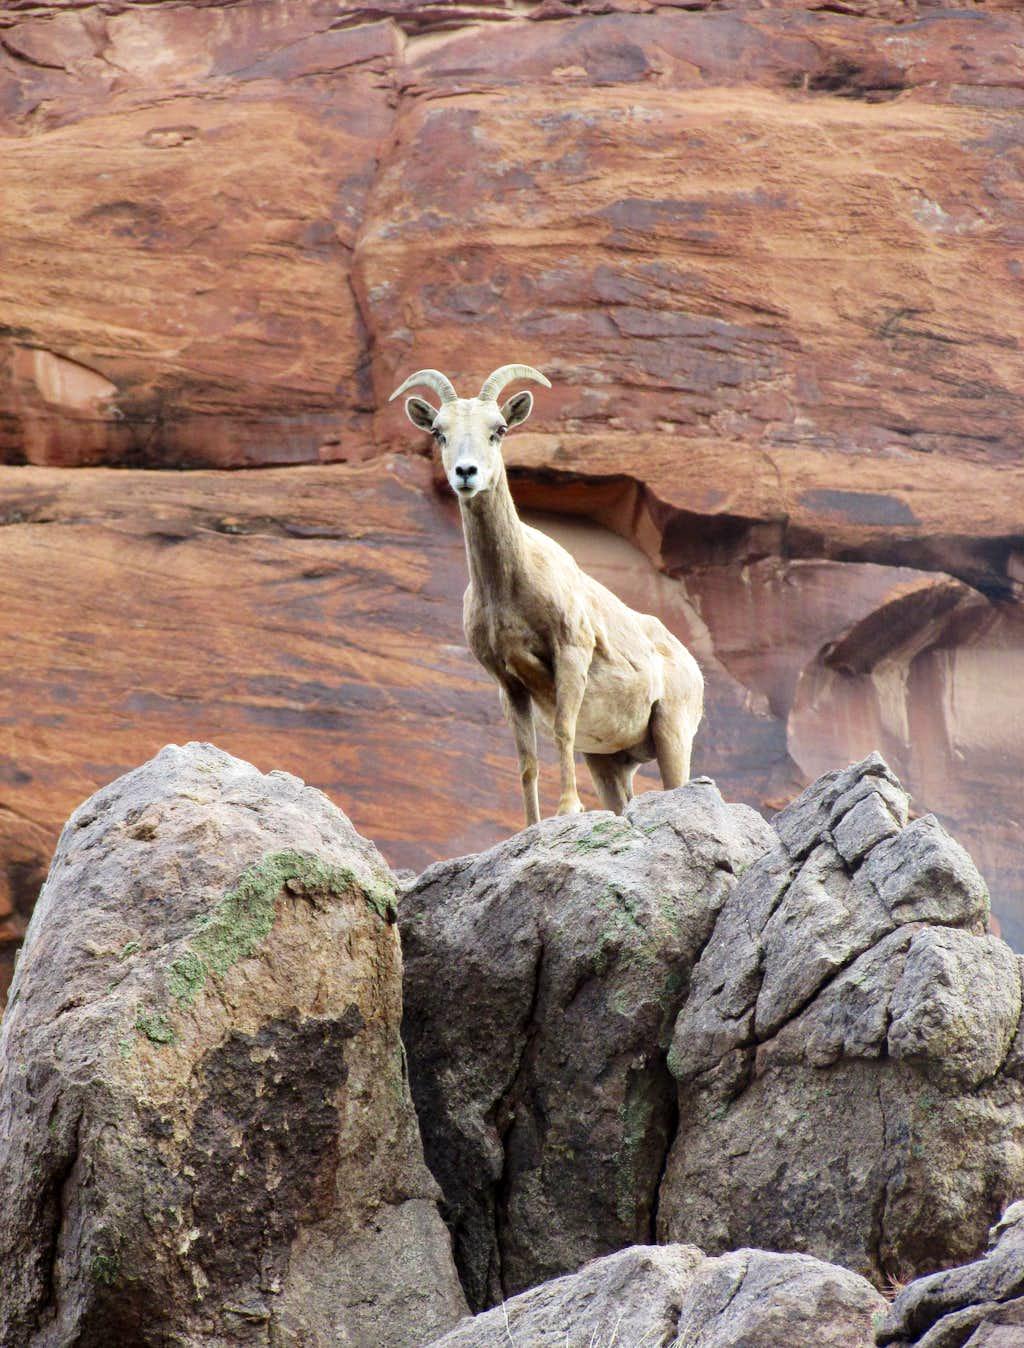 DESERT BIGHORN SHEEP IN DOMINGUEZ CANYON, COLORADO